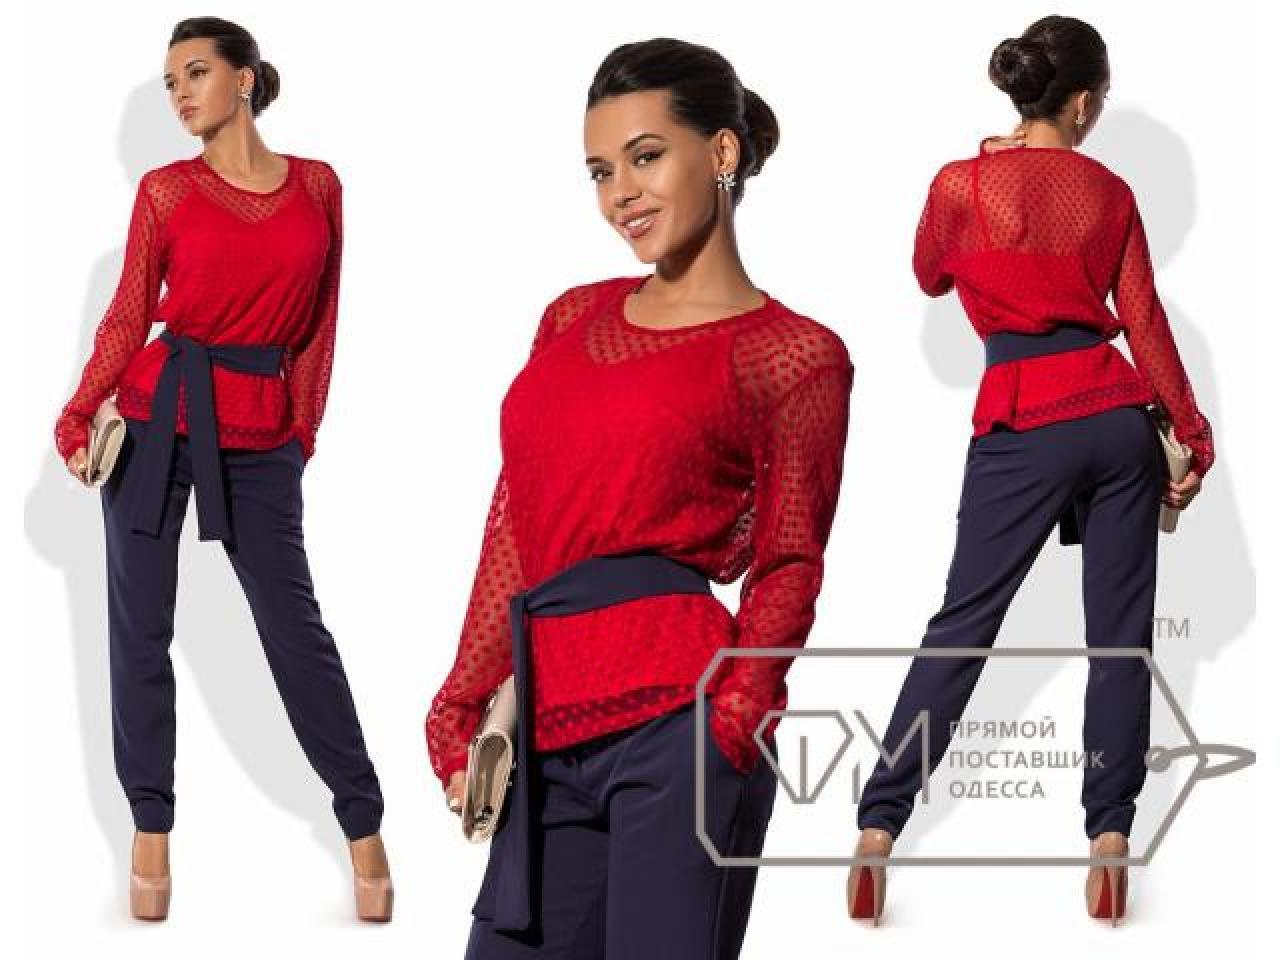 Модная женская одежда 2017 - 7